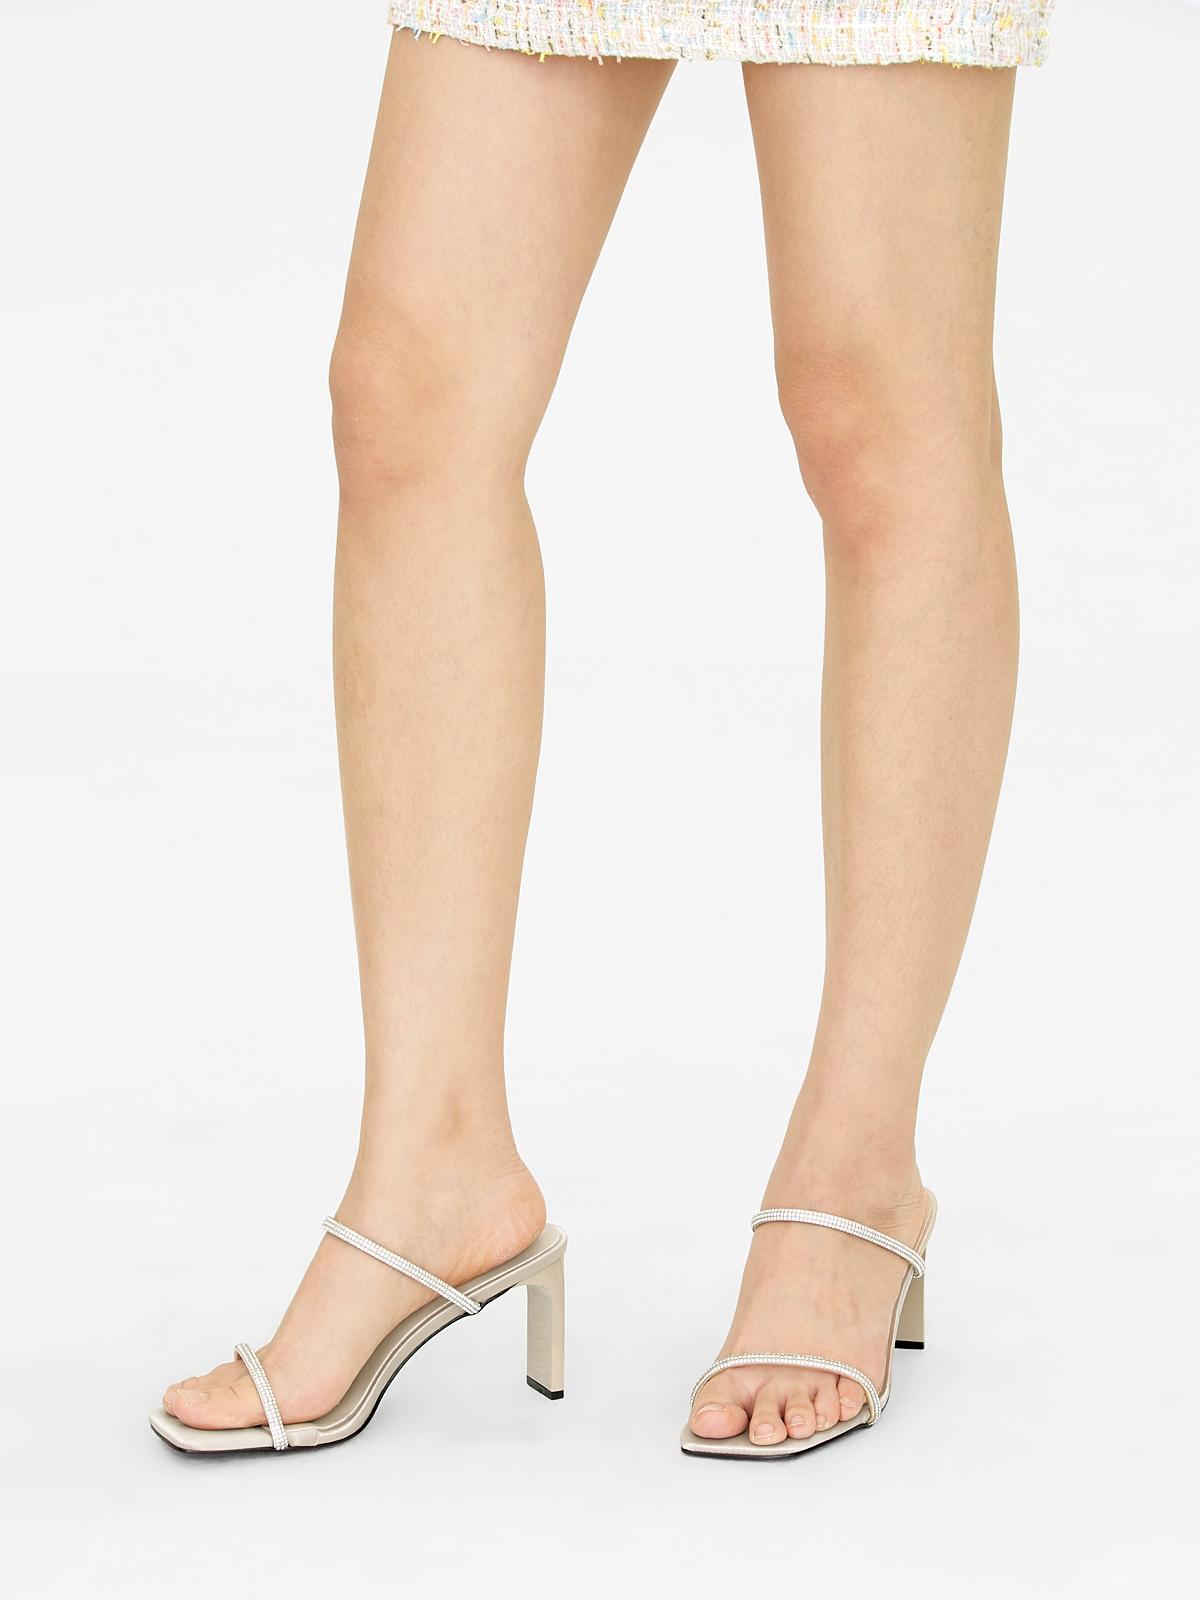 MINX Diamante Double Strap Heels Beige